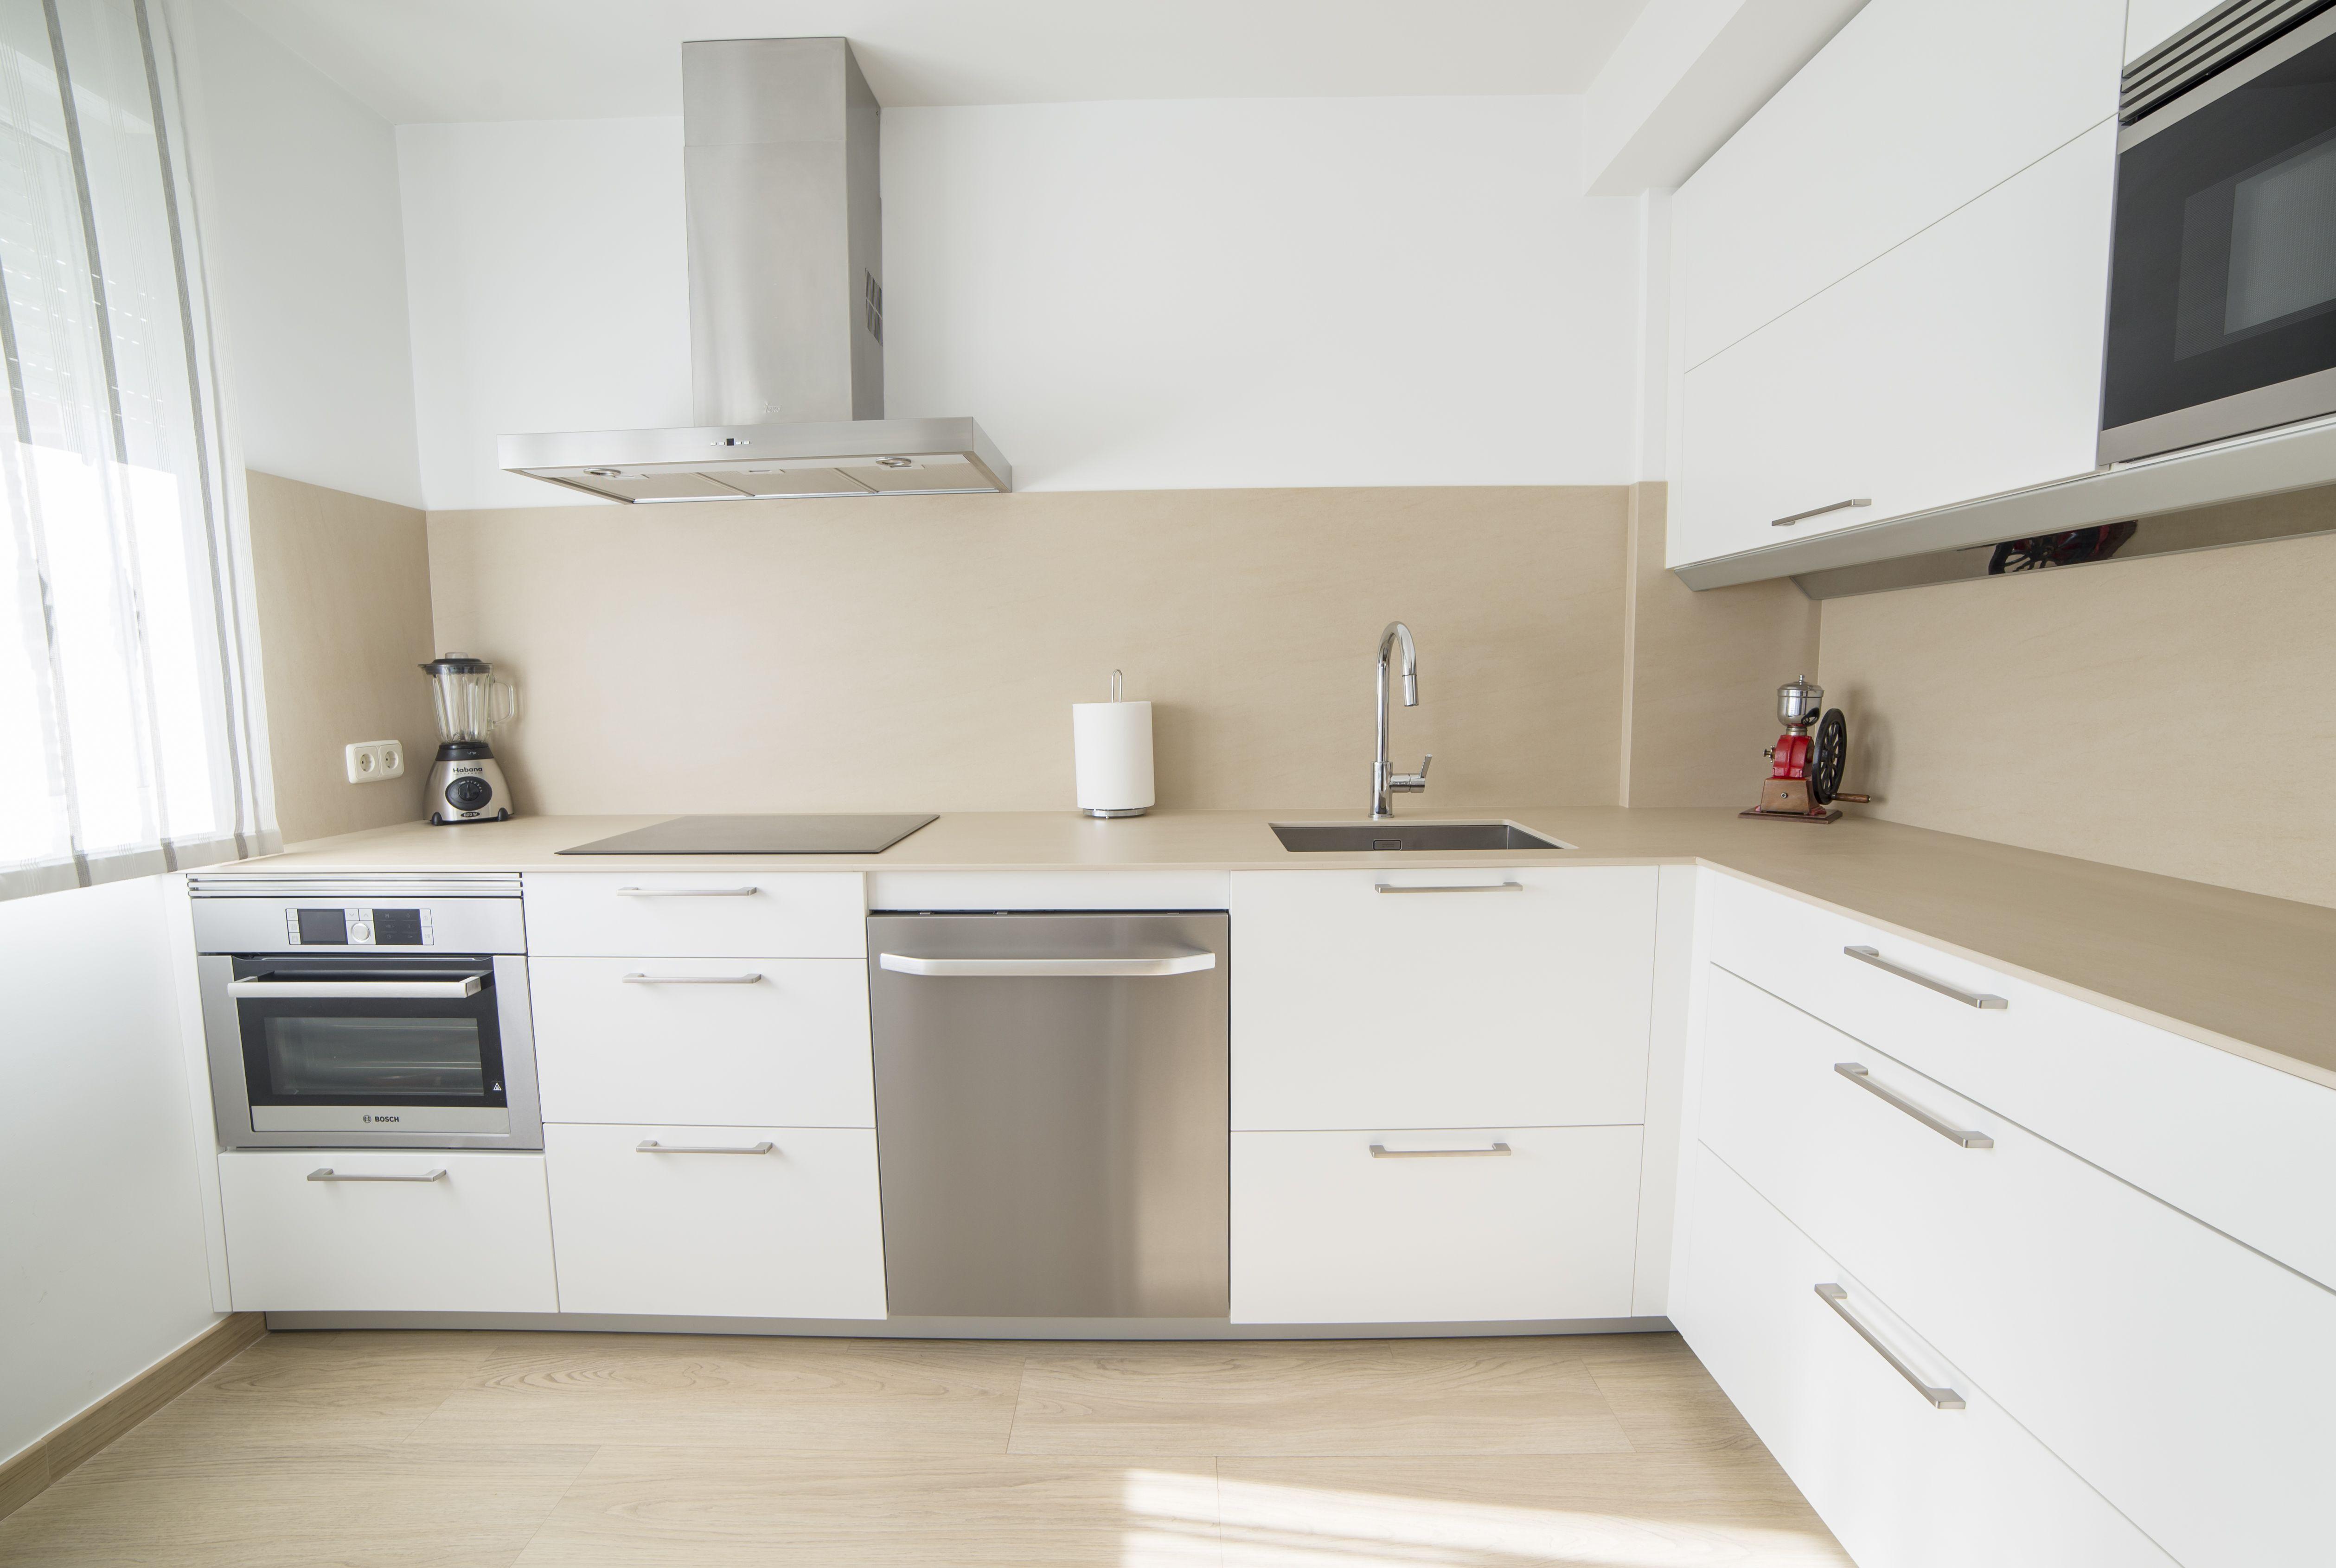 Cocina Santos Por Estudio Santos Rivas Modelo Ariane  ~ Limpiar Muebles De Cocina De Formica Mate